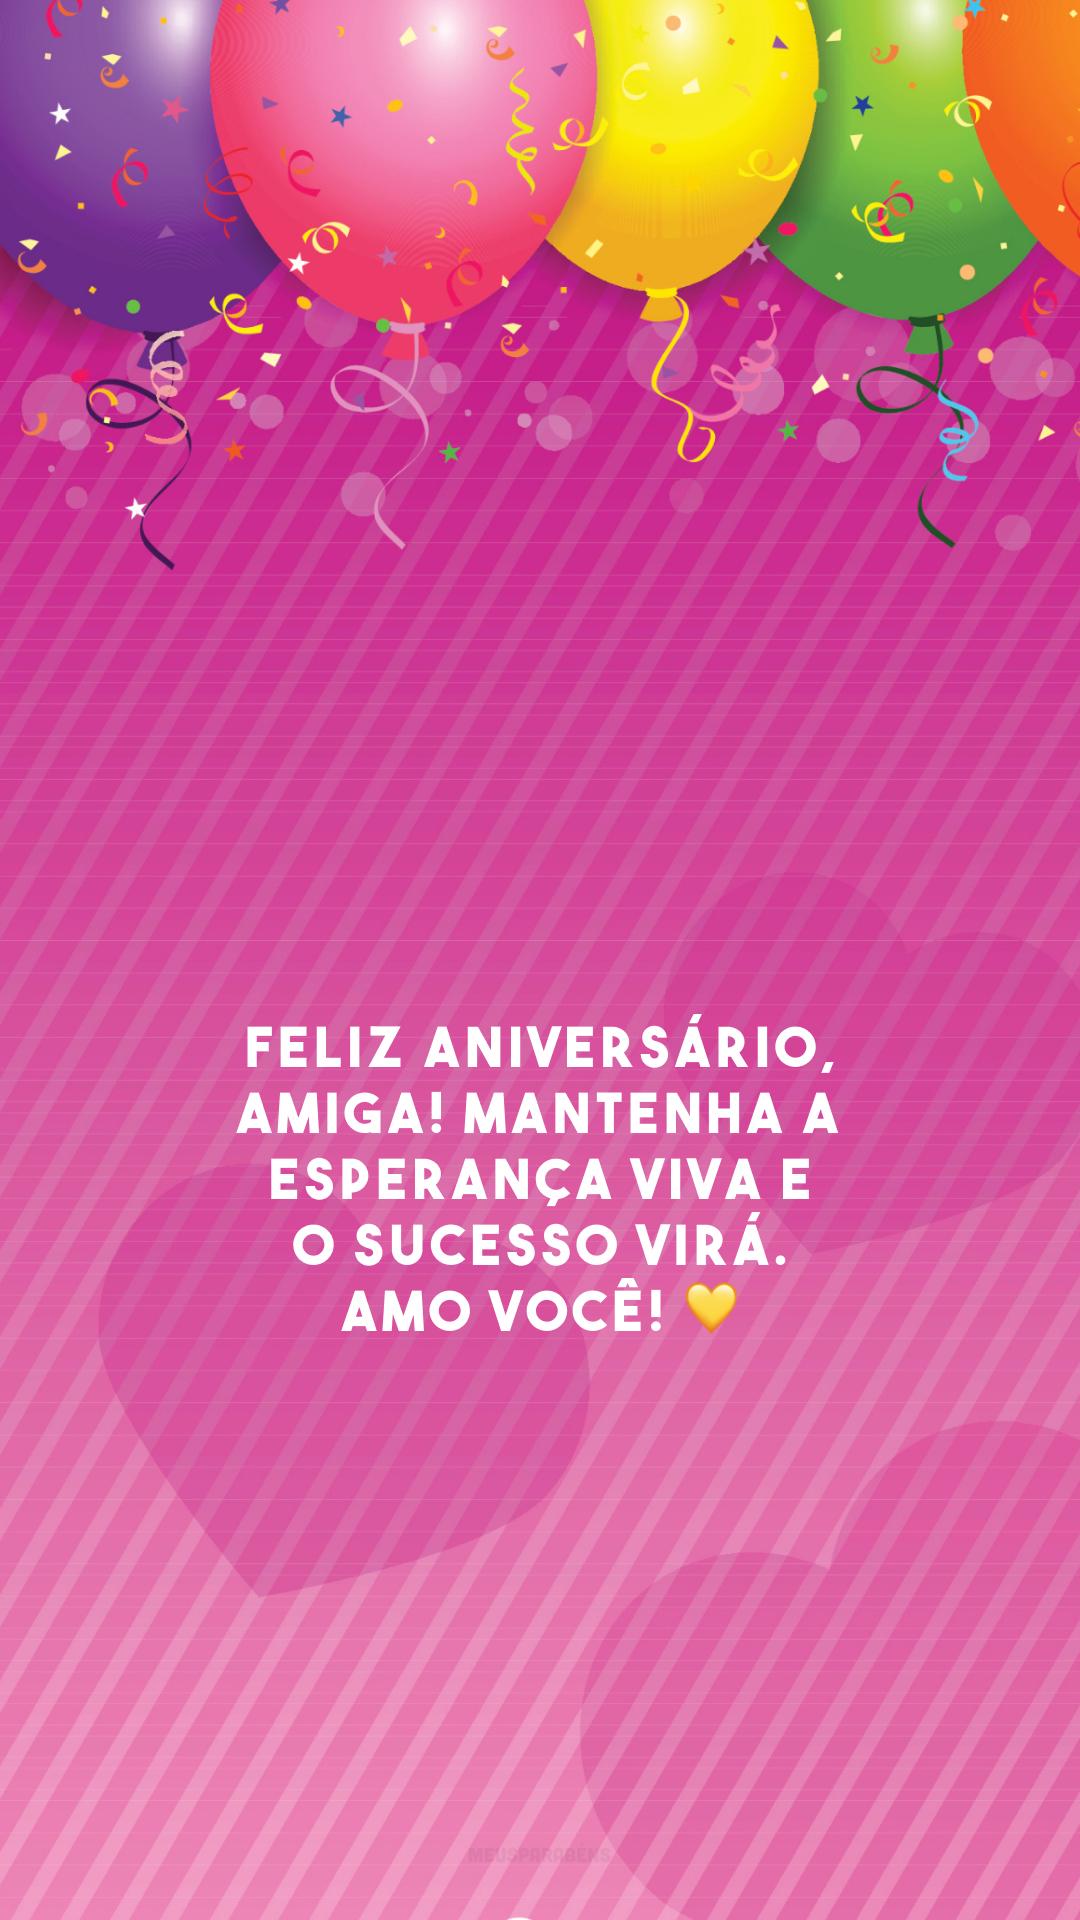 Feliz aniversário, amiga! Mantenha a esperança viva e o sucesso virá. Amo você! 💛